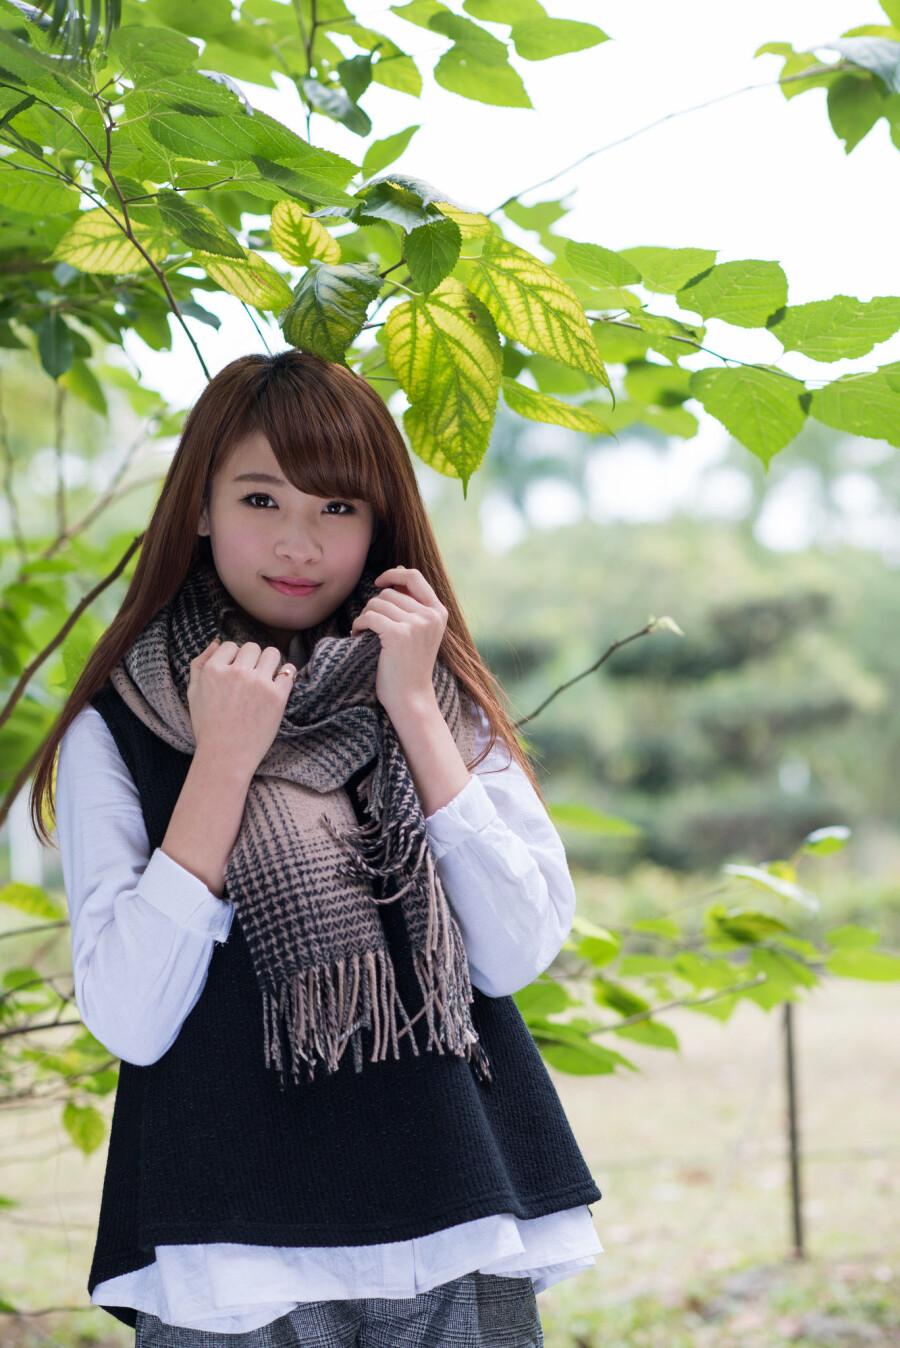 【现代时尚素材篇】人见人爱--迷人清纯美女 第62辑 - 浪漫人生 - .